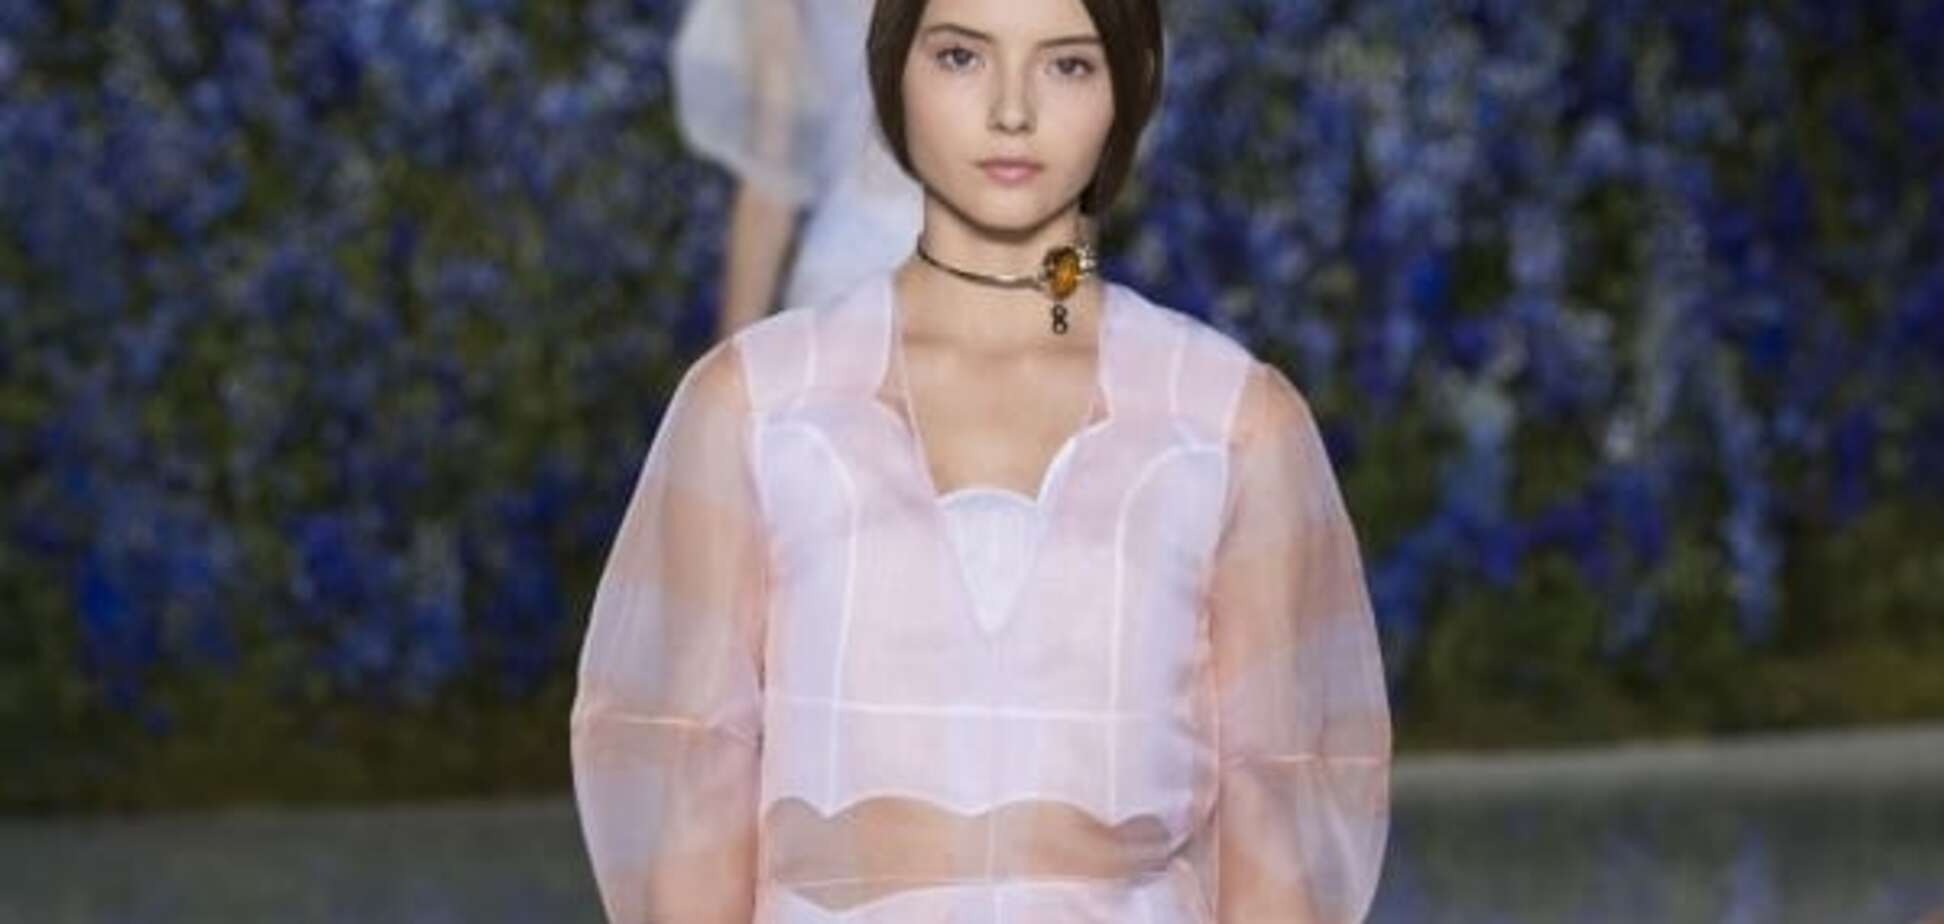 ТОП-5 украинских красавиц, которые блистали на мировых Неделях моды